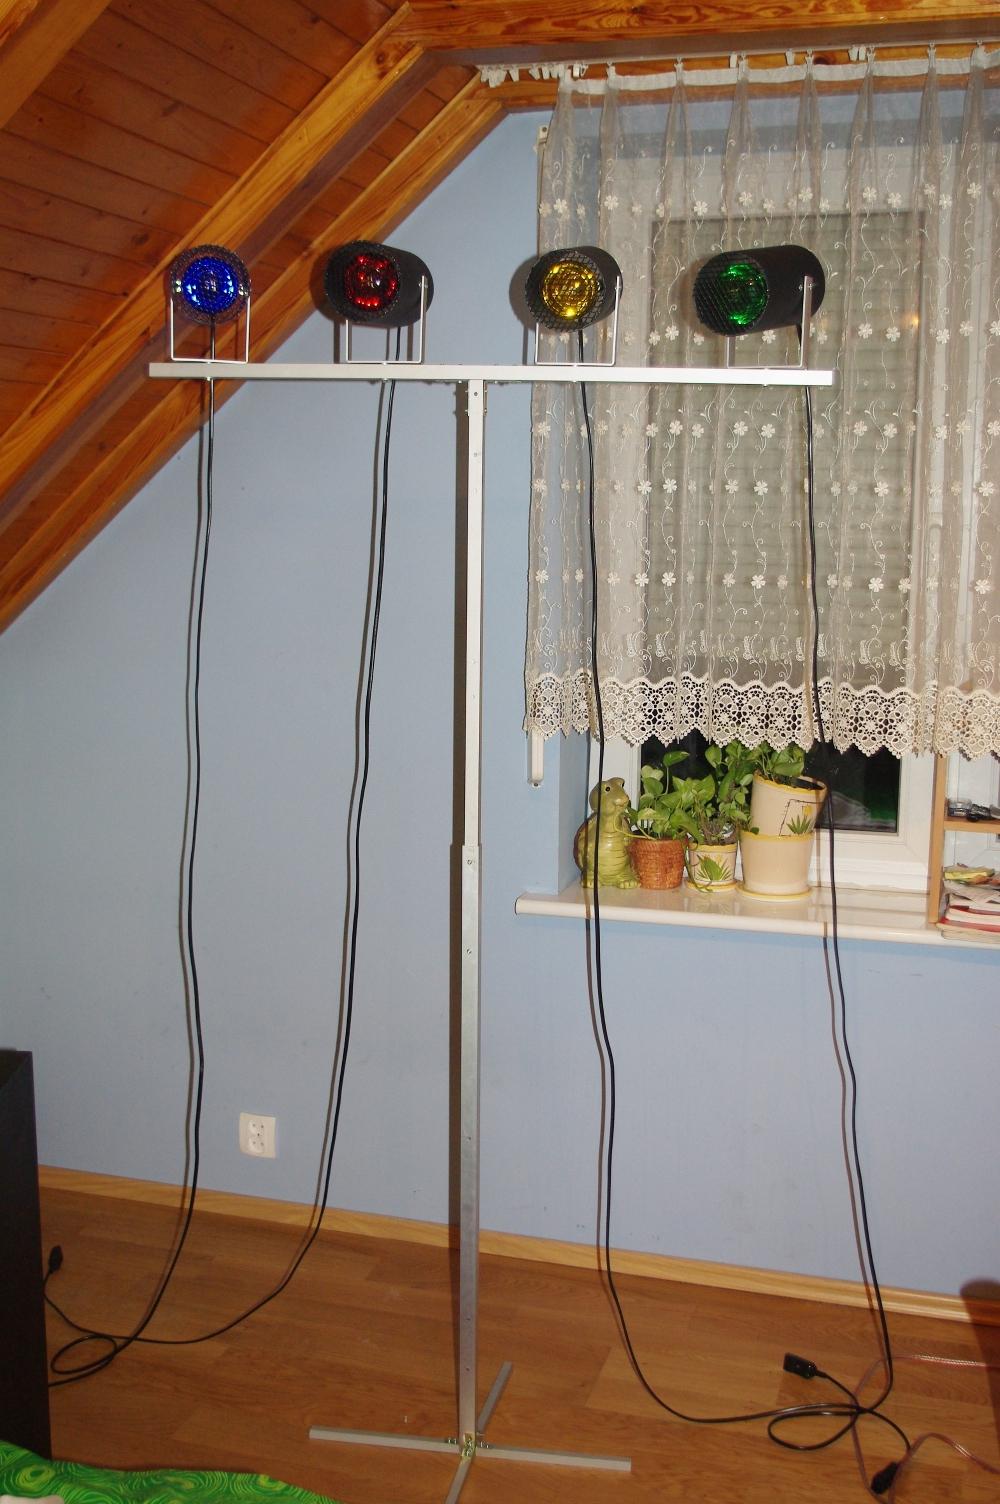 Sterownik �wiate� 2x 4 kana�y FT245RL (2 statywy x 4 lampy)